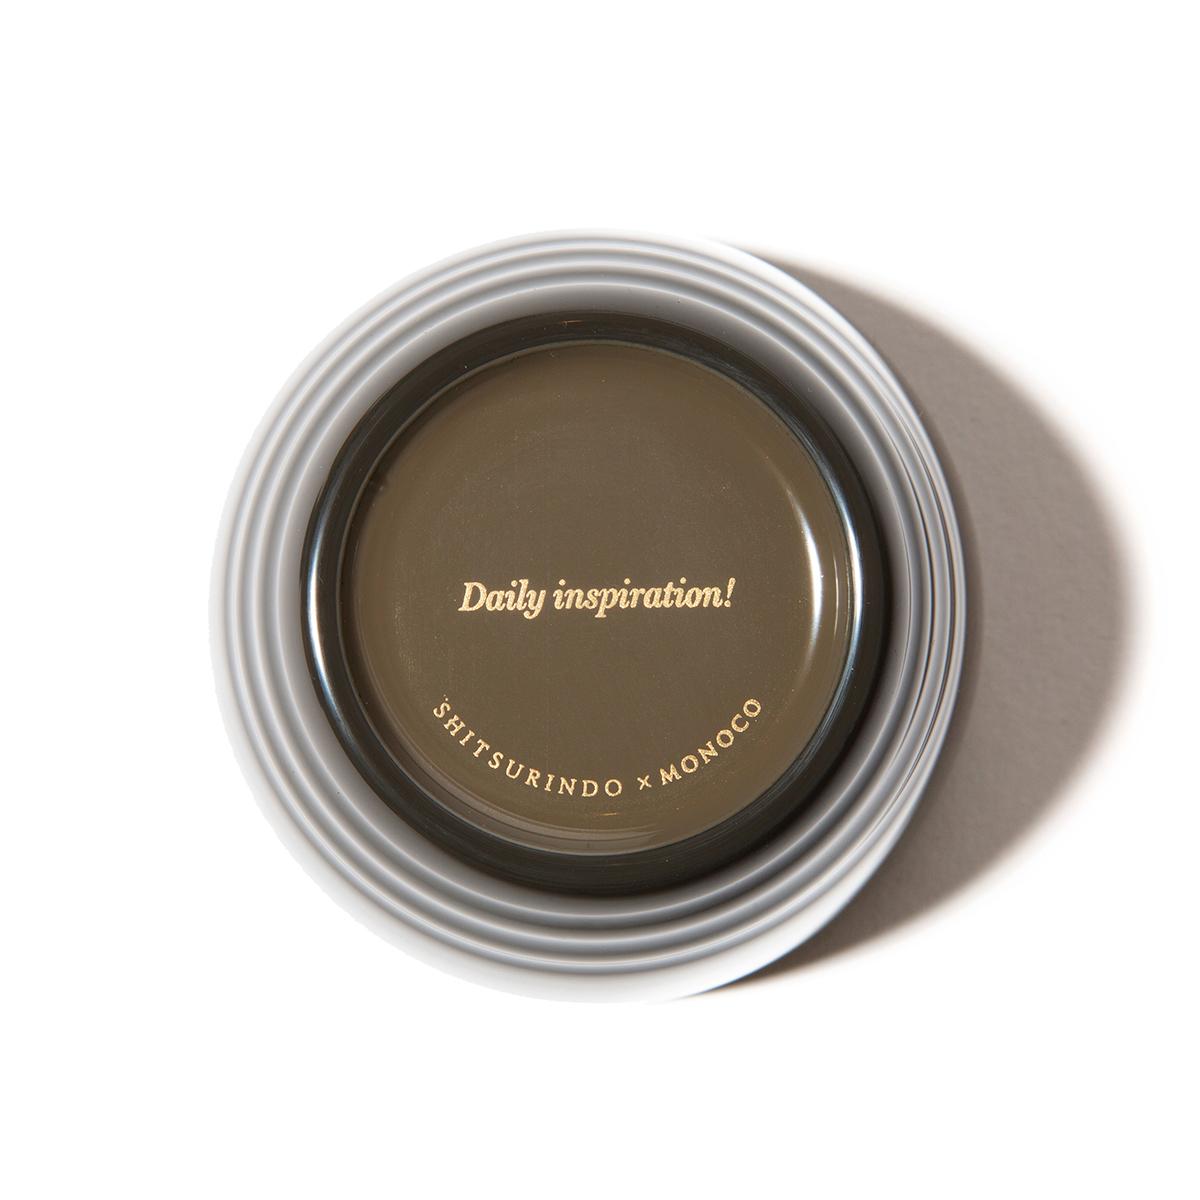 惣菜が「映える法則」を発見!|《6色セット/MONOCO限定》誰でもきれいに盛り付けができる、漆のあたたかい色彩。225年続く越前漆器の老舗がつくる「色漆のそば猪口」| 漆琳堂×MONOCO